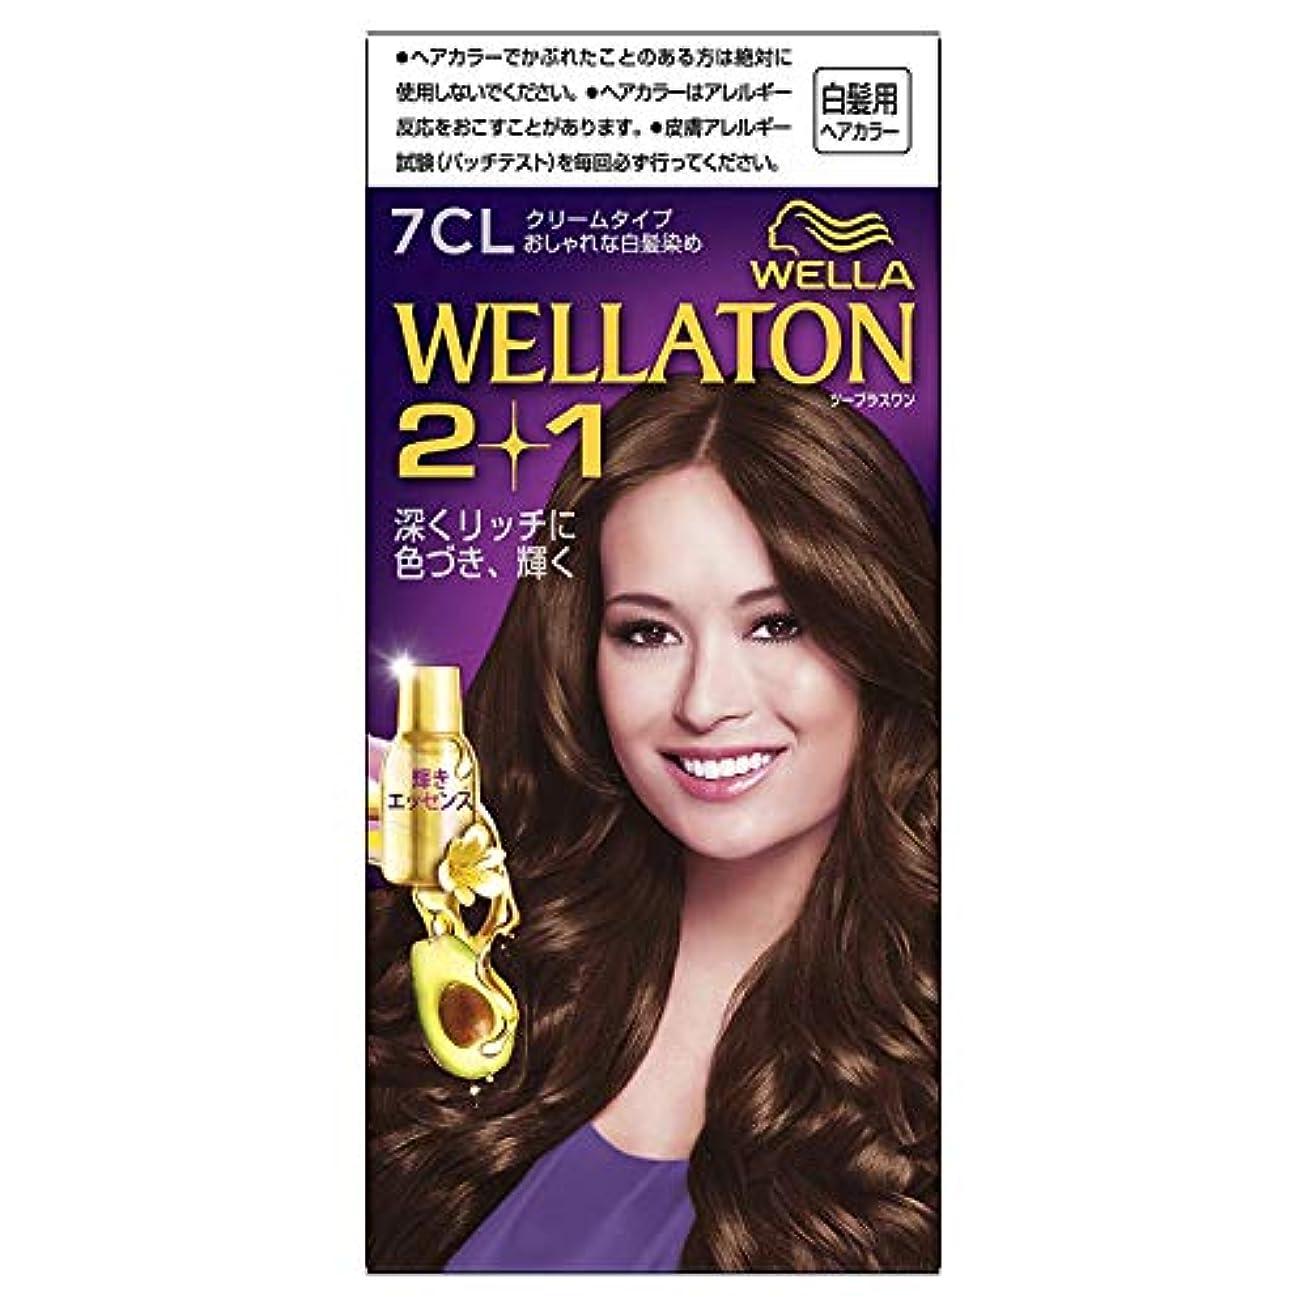 雇った下る対話ウエラトーン2+1 白髪染め クリームタイプ 7CL [医薬部外品] ×6個